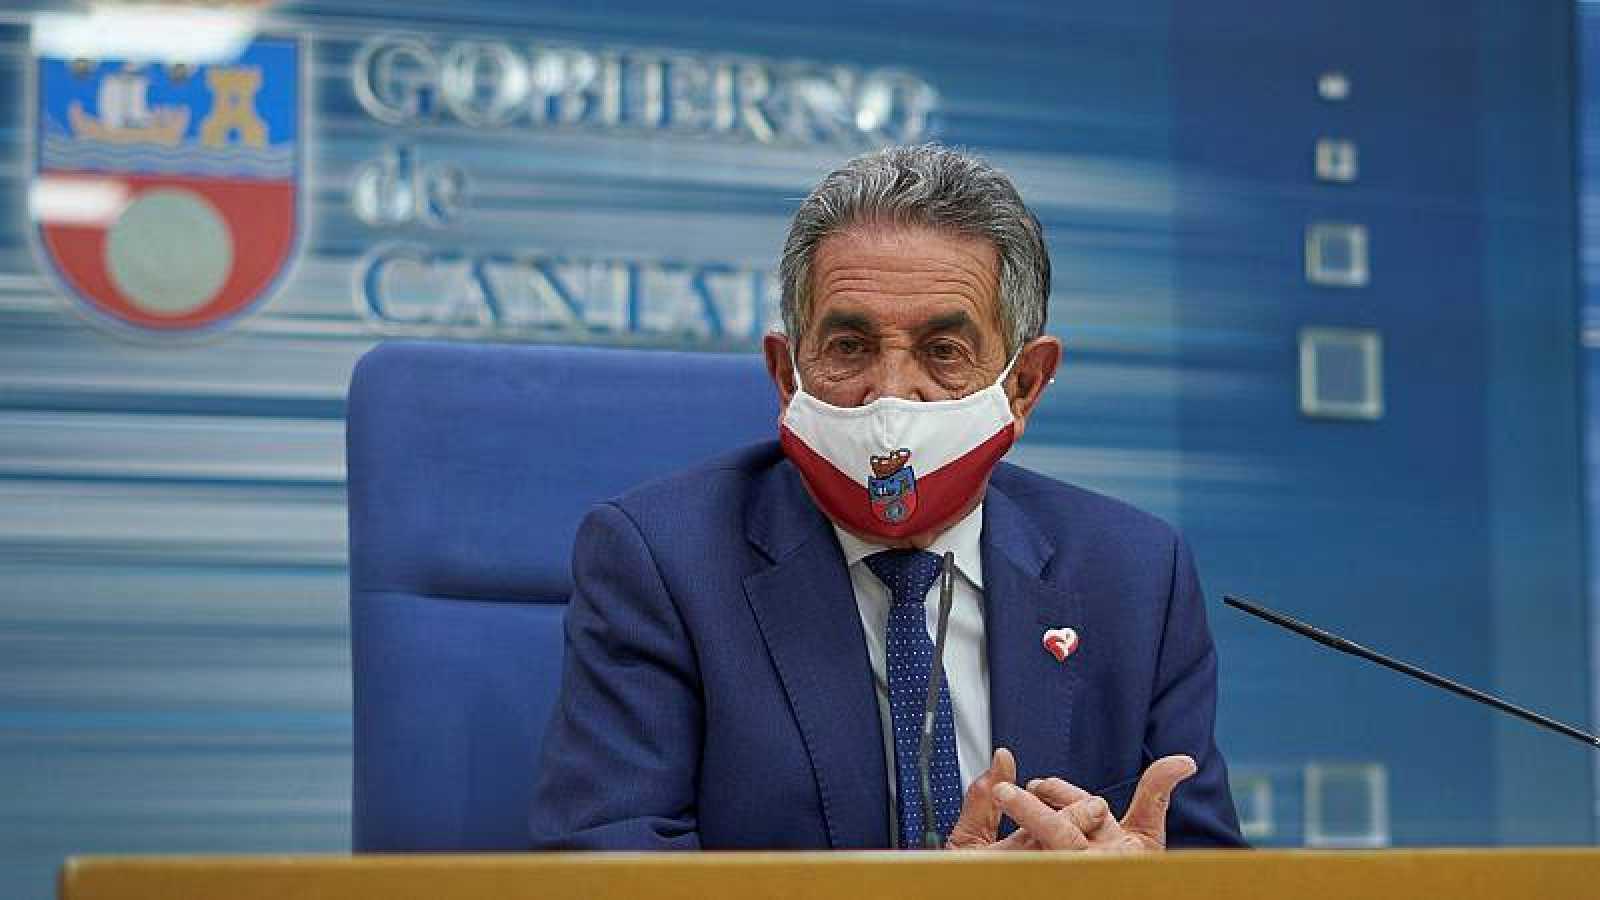 """Miguel A. Revilla, presidente de Cantabria: """"No soy estatalista, como el señor Iglesias, pero por encima de todo está la salud de los ciudadanos"""""""